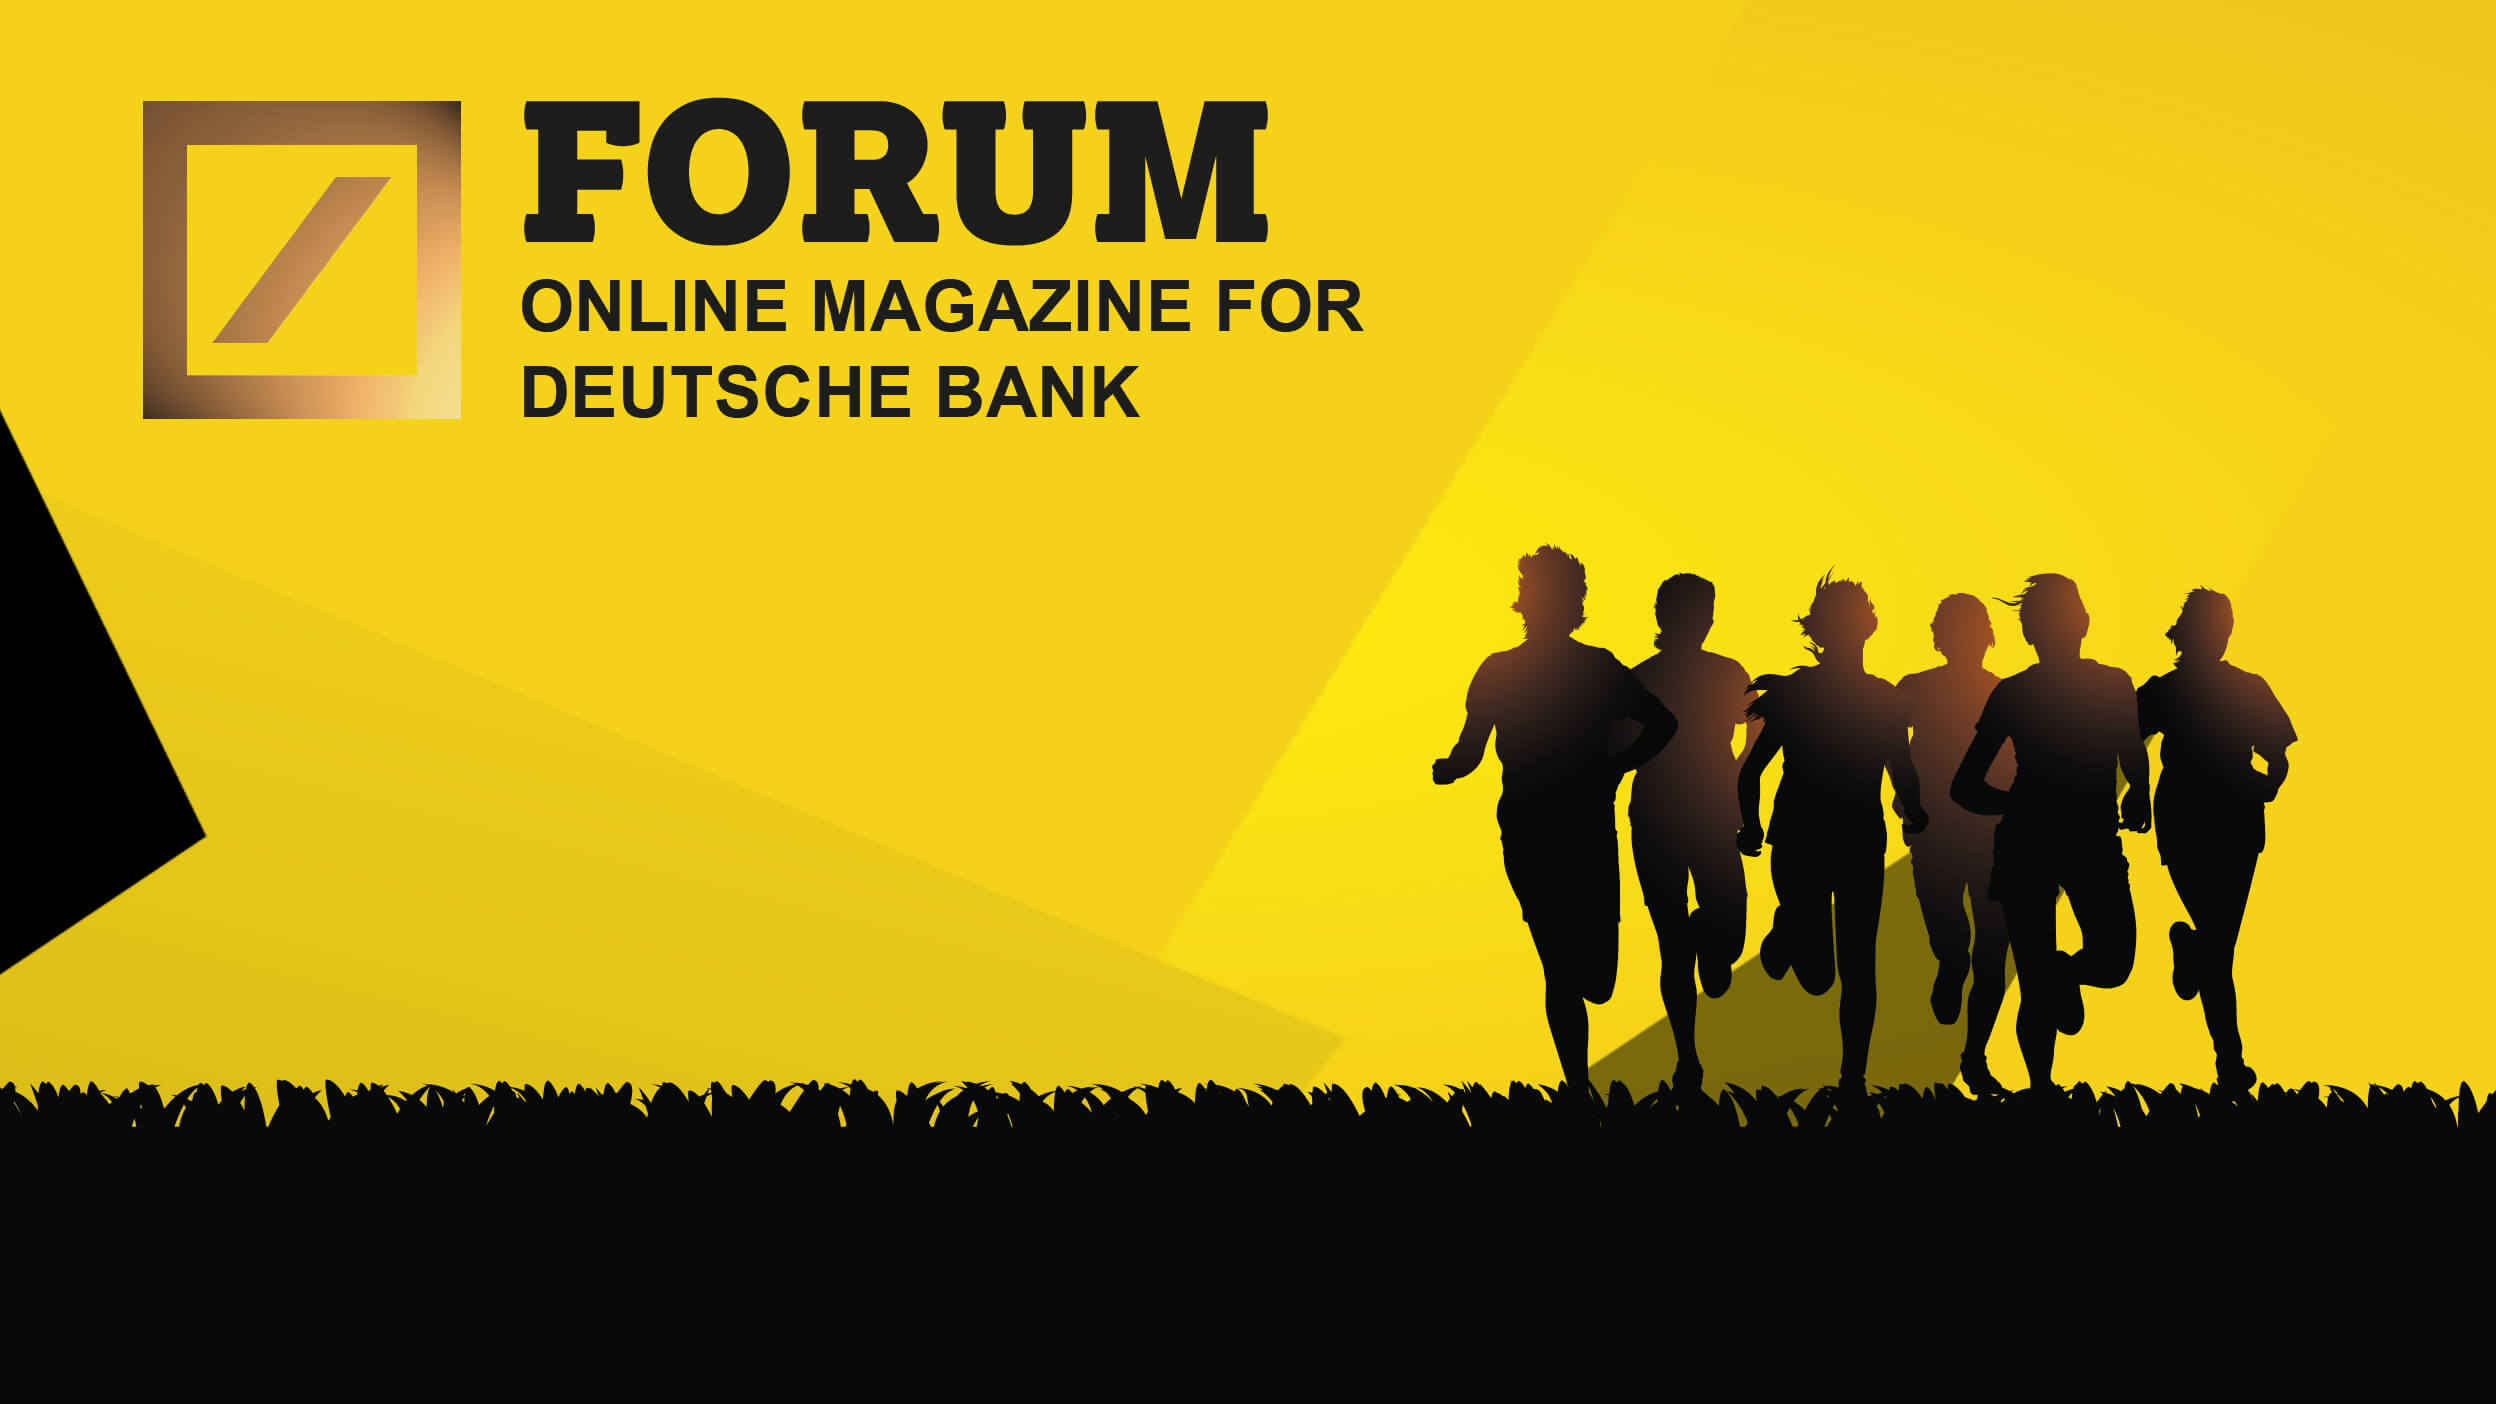 DB FORUM ONLINE